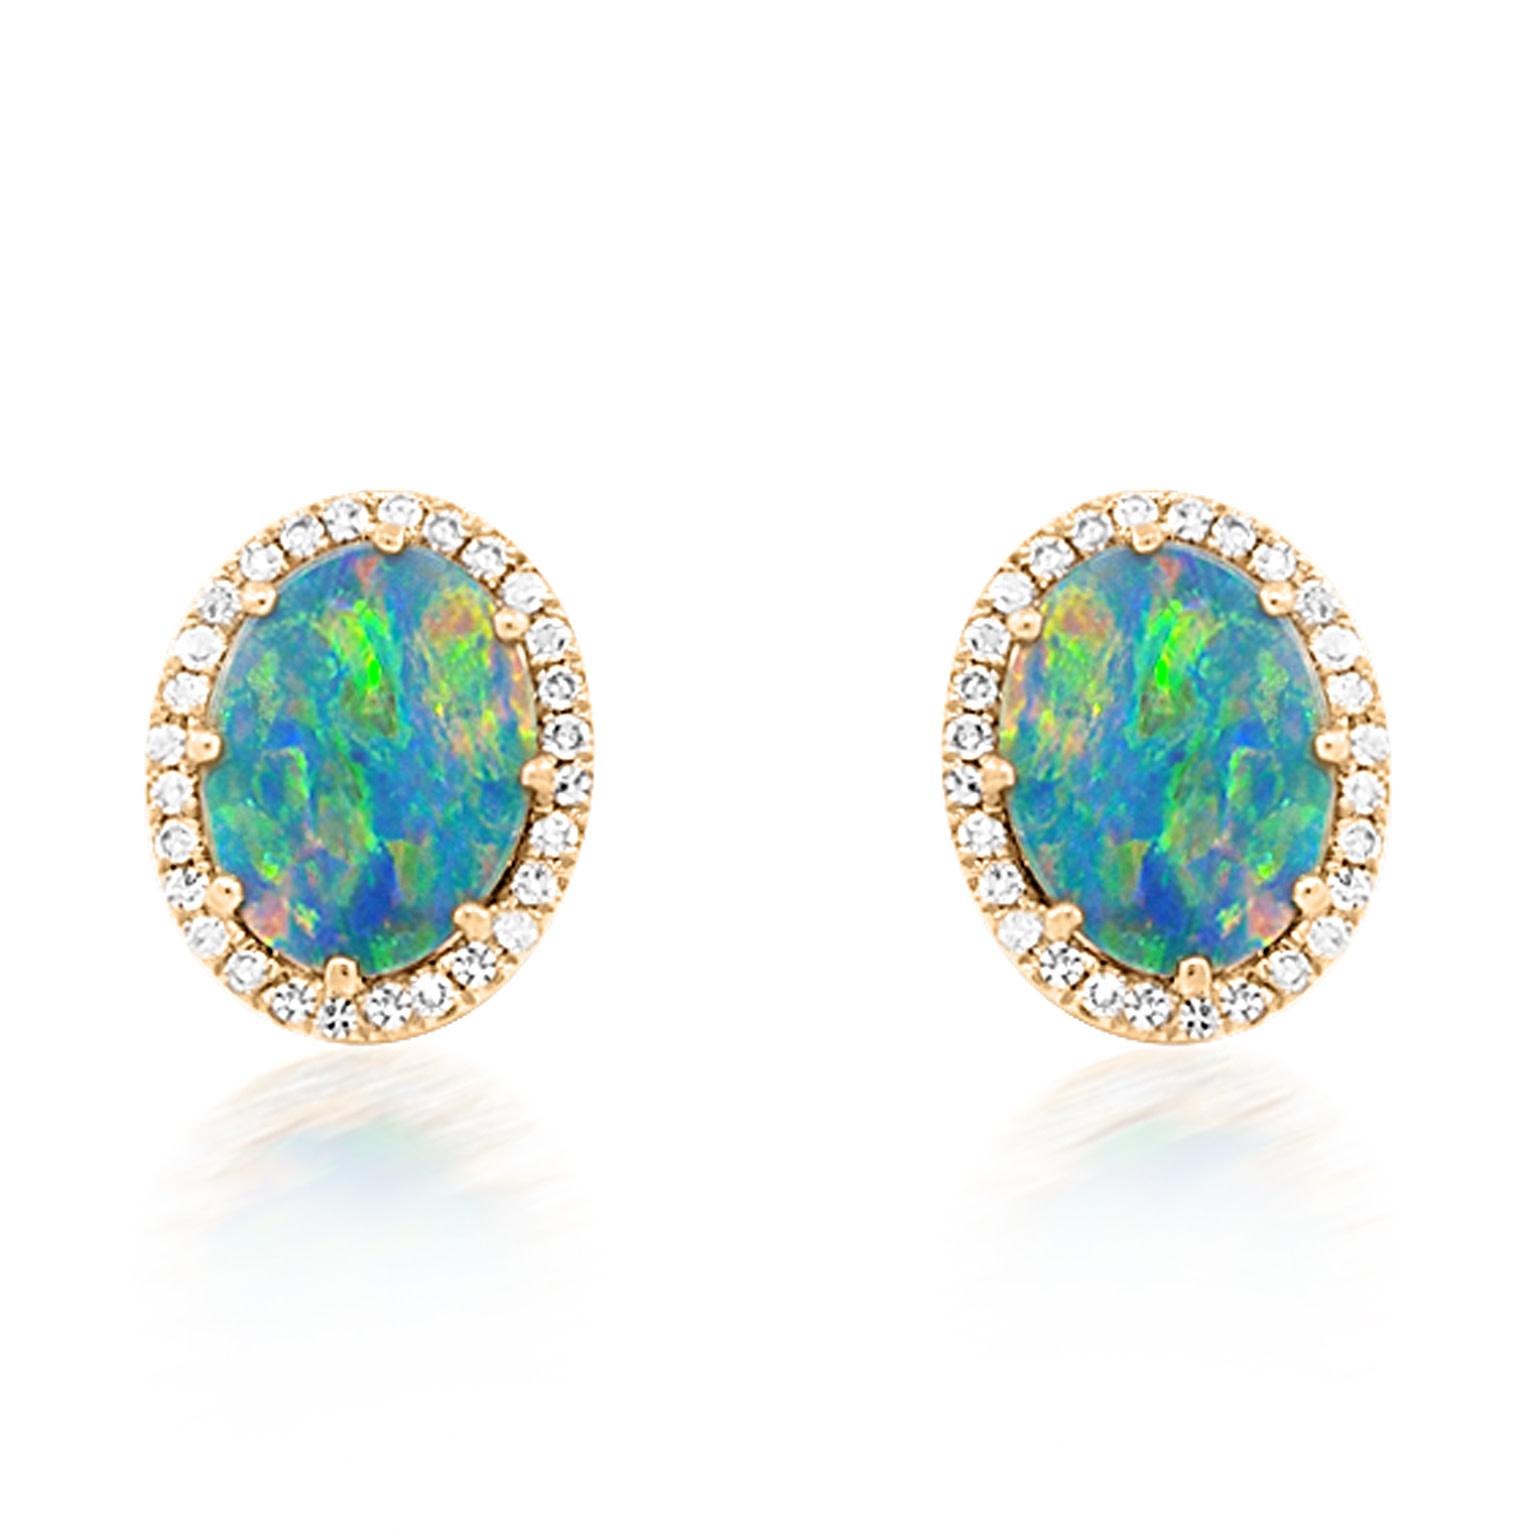 Oval Opal and Diamond Stud Earrings